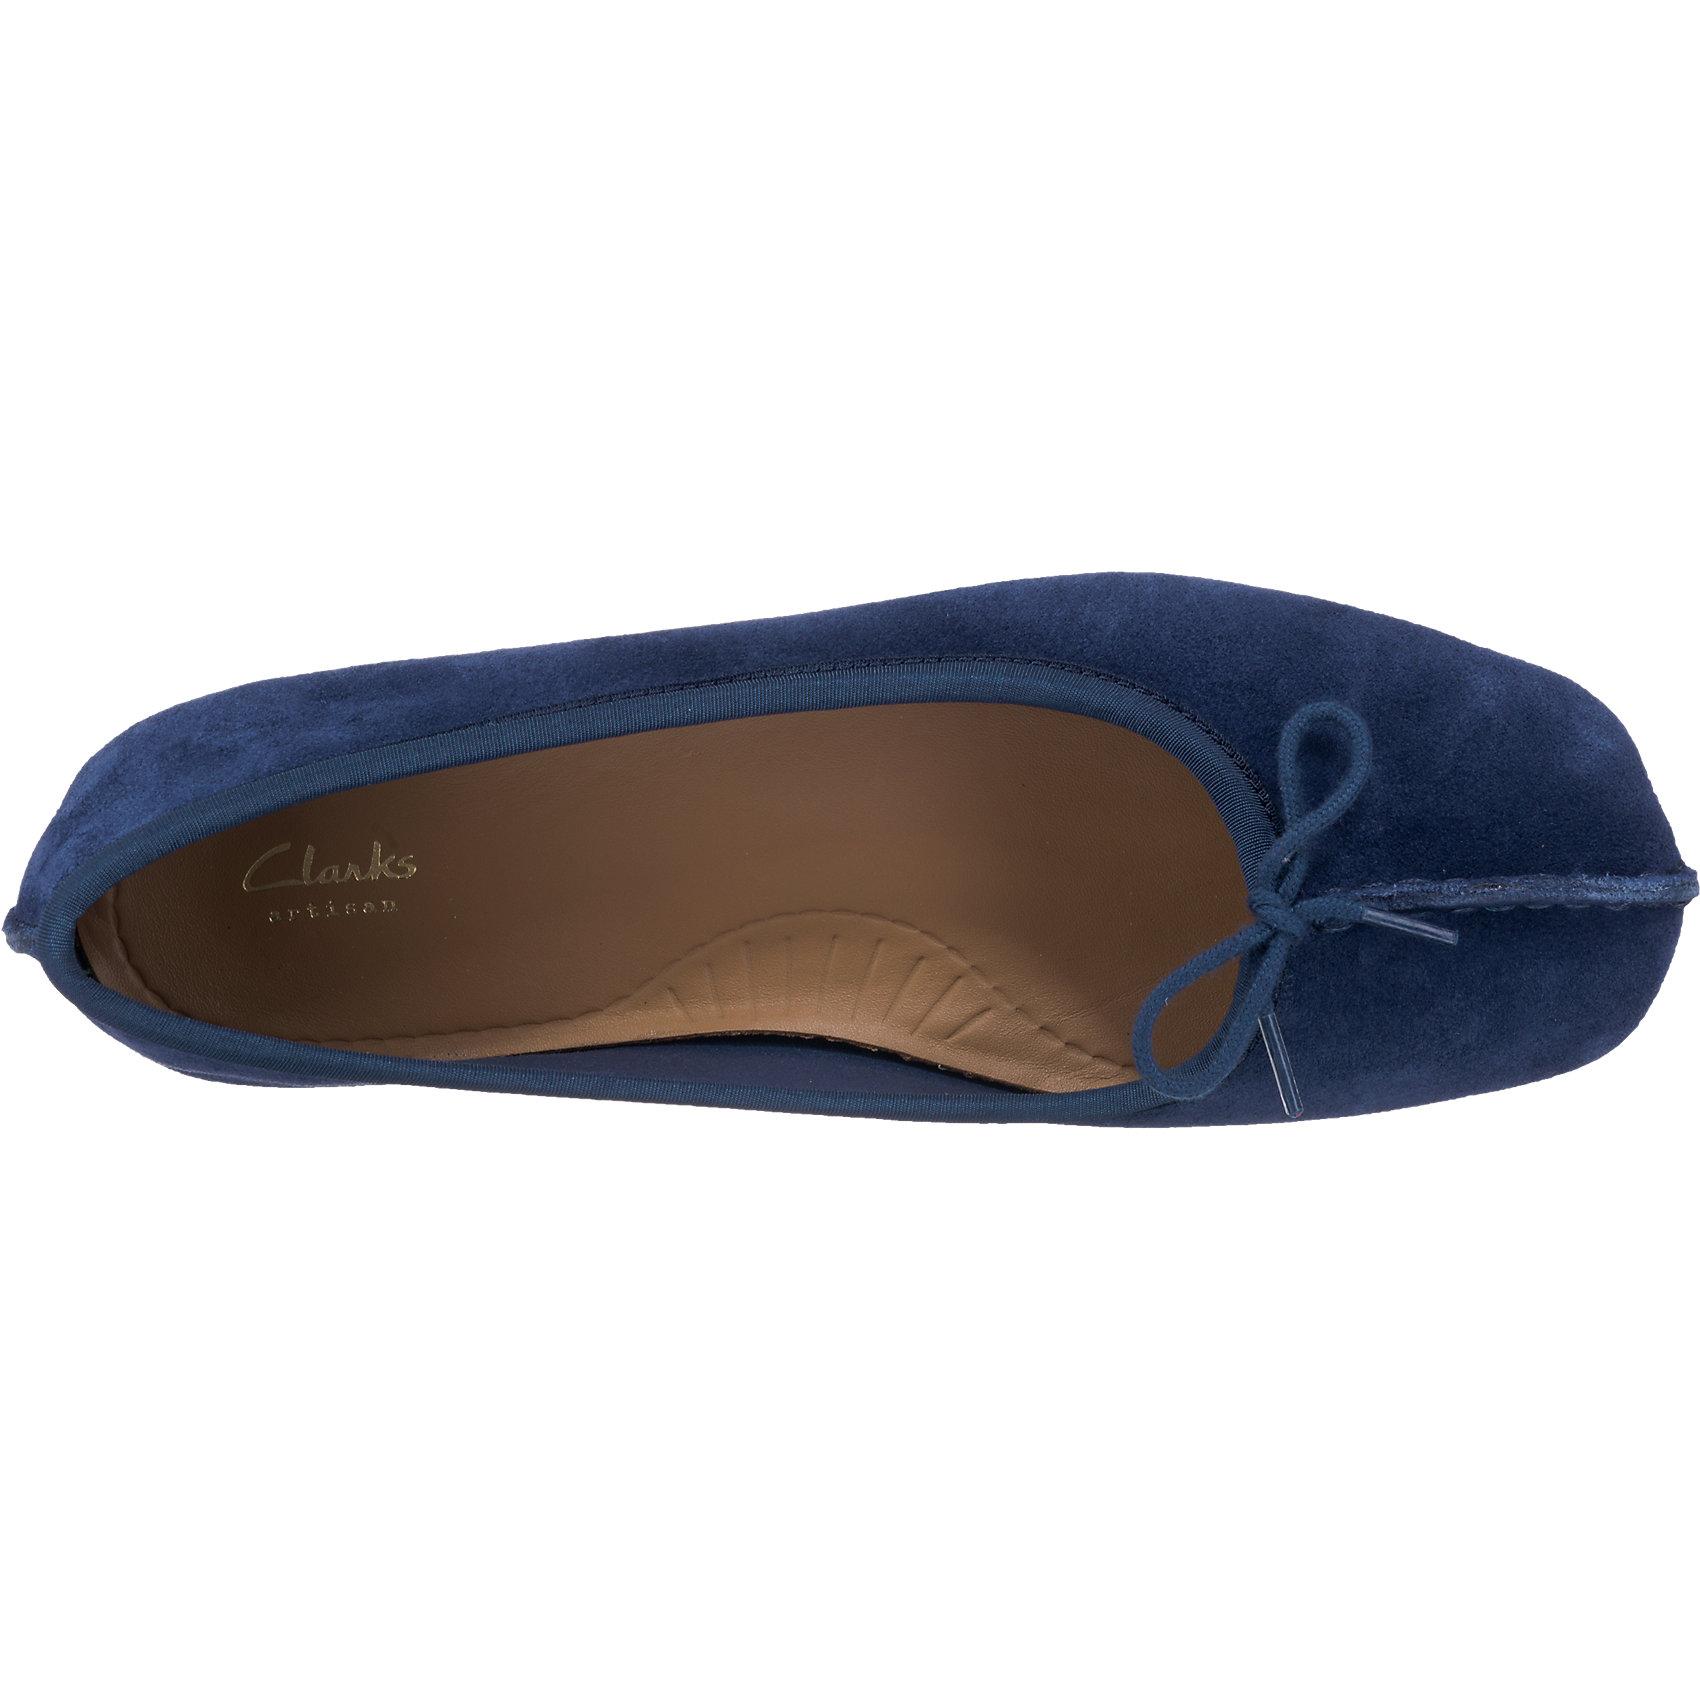 Neu Clarks Freckle Freckle Freckle Ice Ballerinas 6709614 für Damen dunkelblau  | Tragen-wider  55dbc7